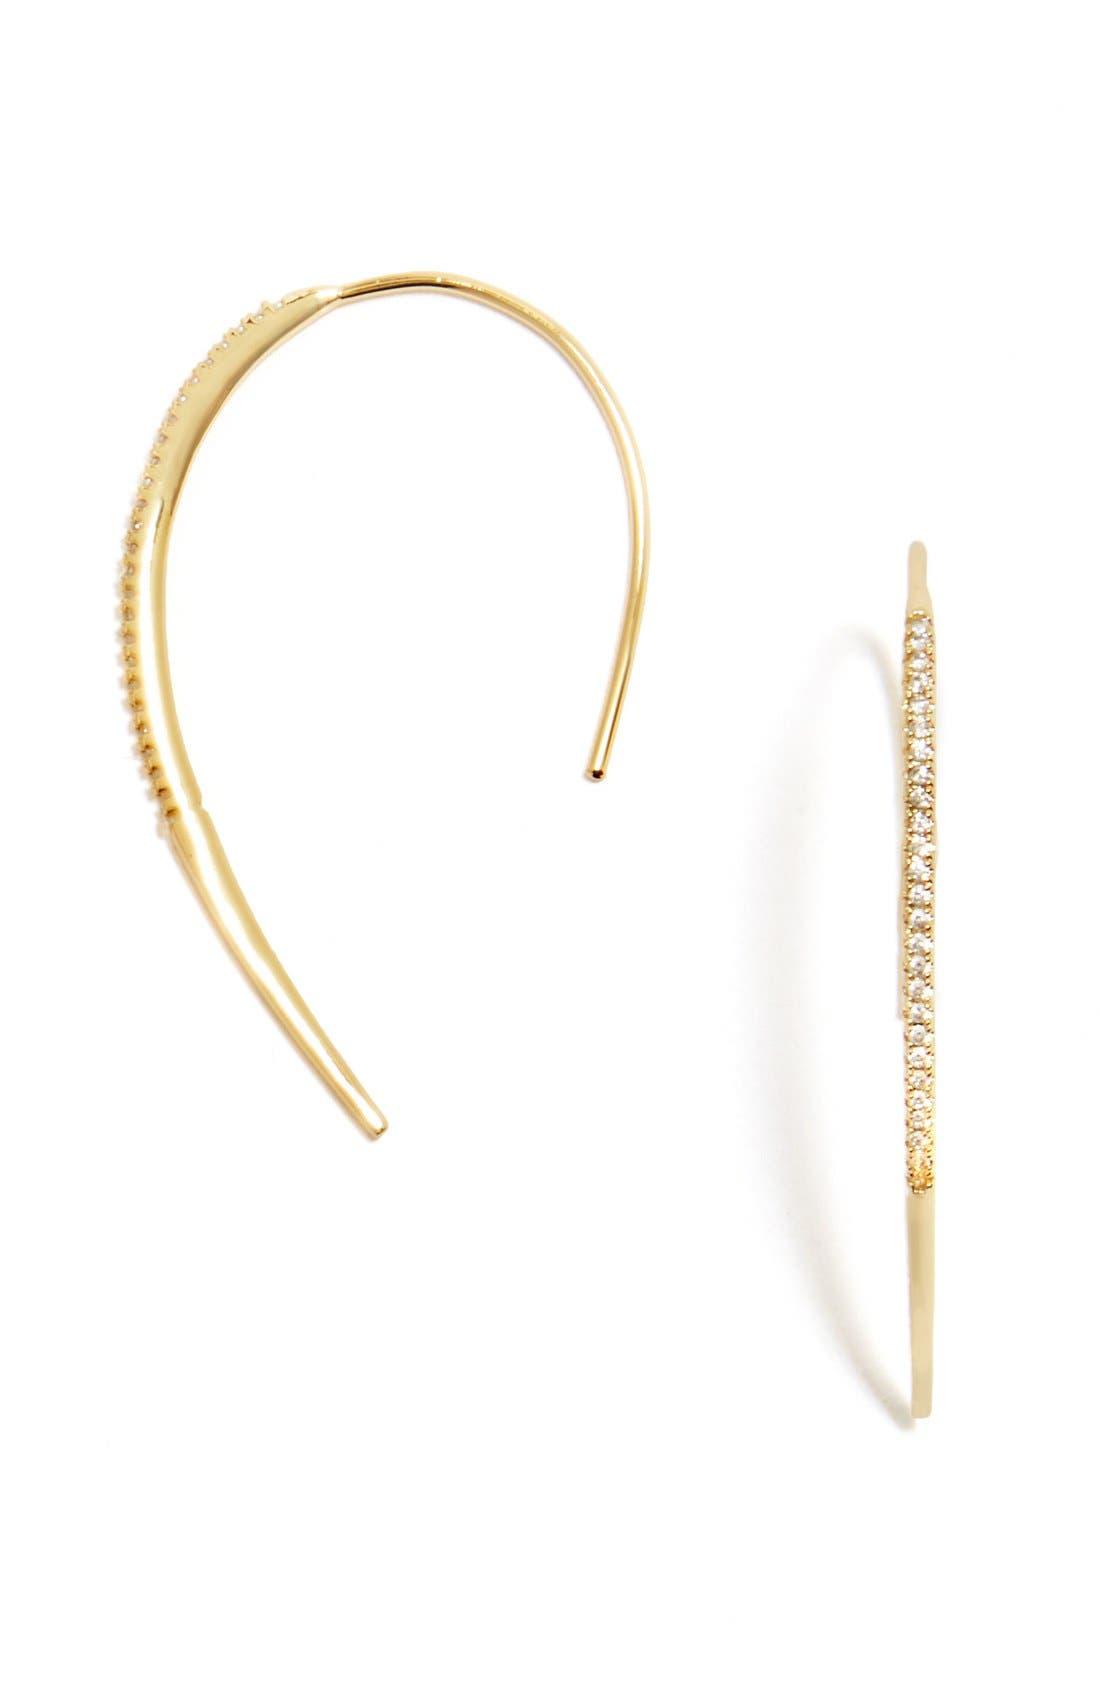 'Hannela' Threader Earrings,                             Main thumbnail 1, color,                             710